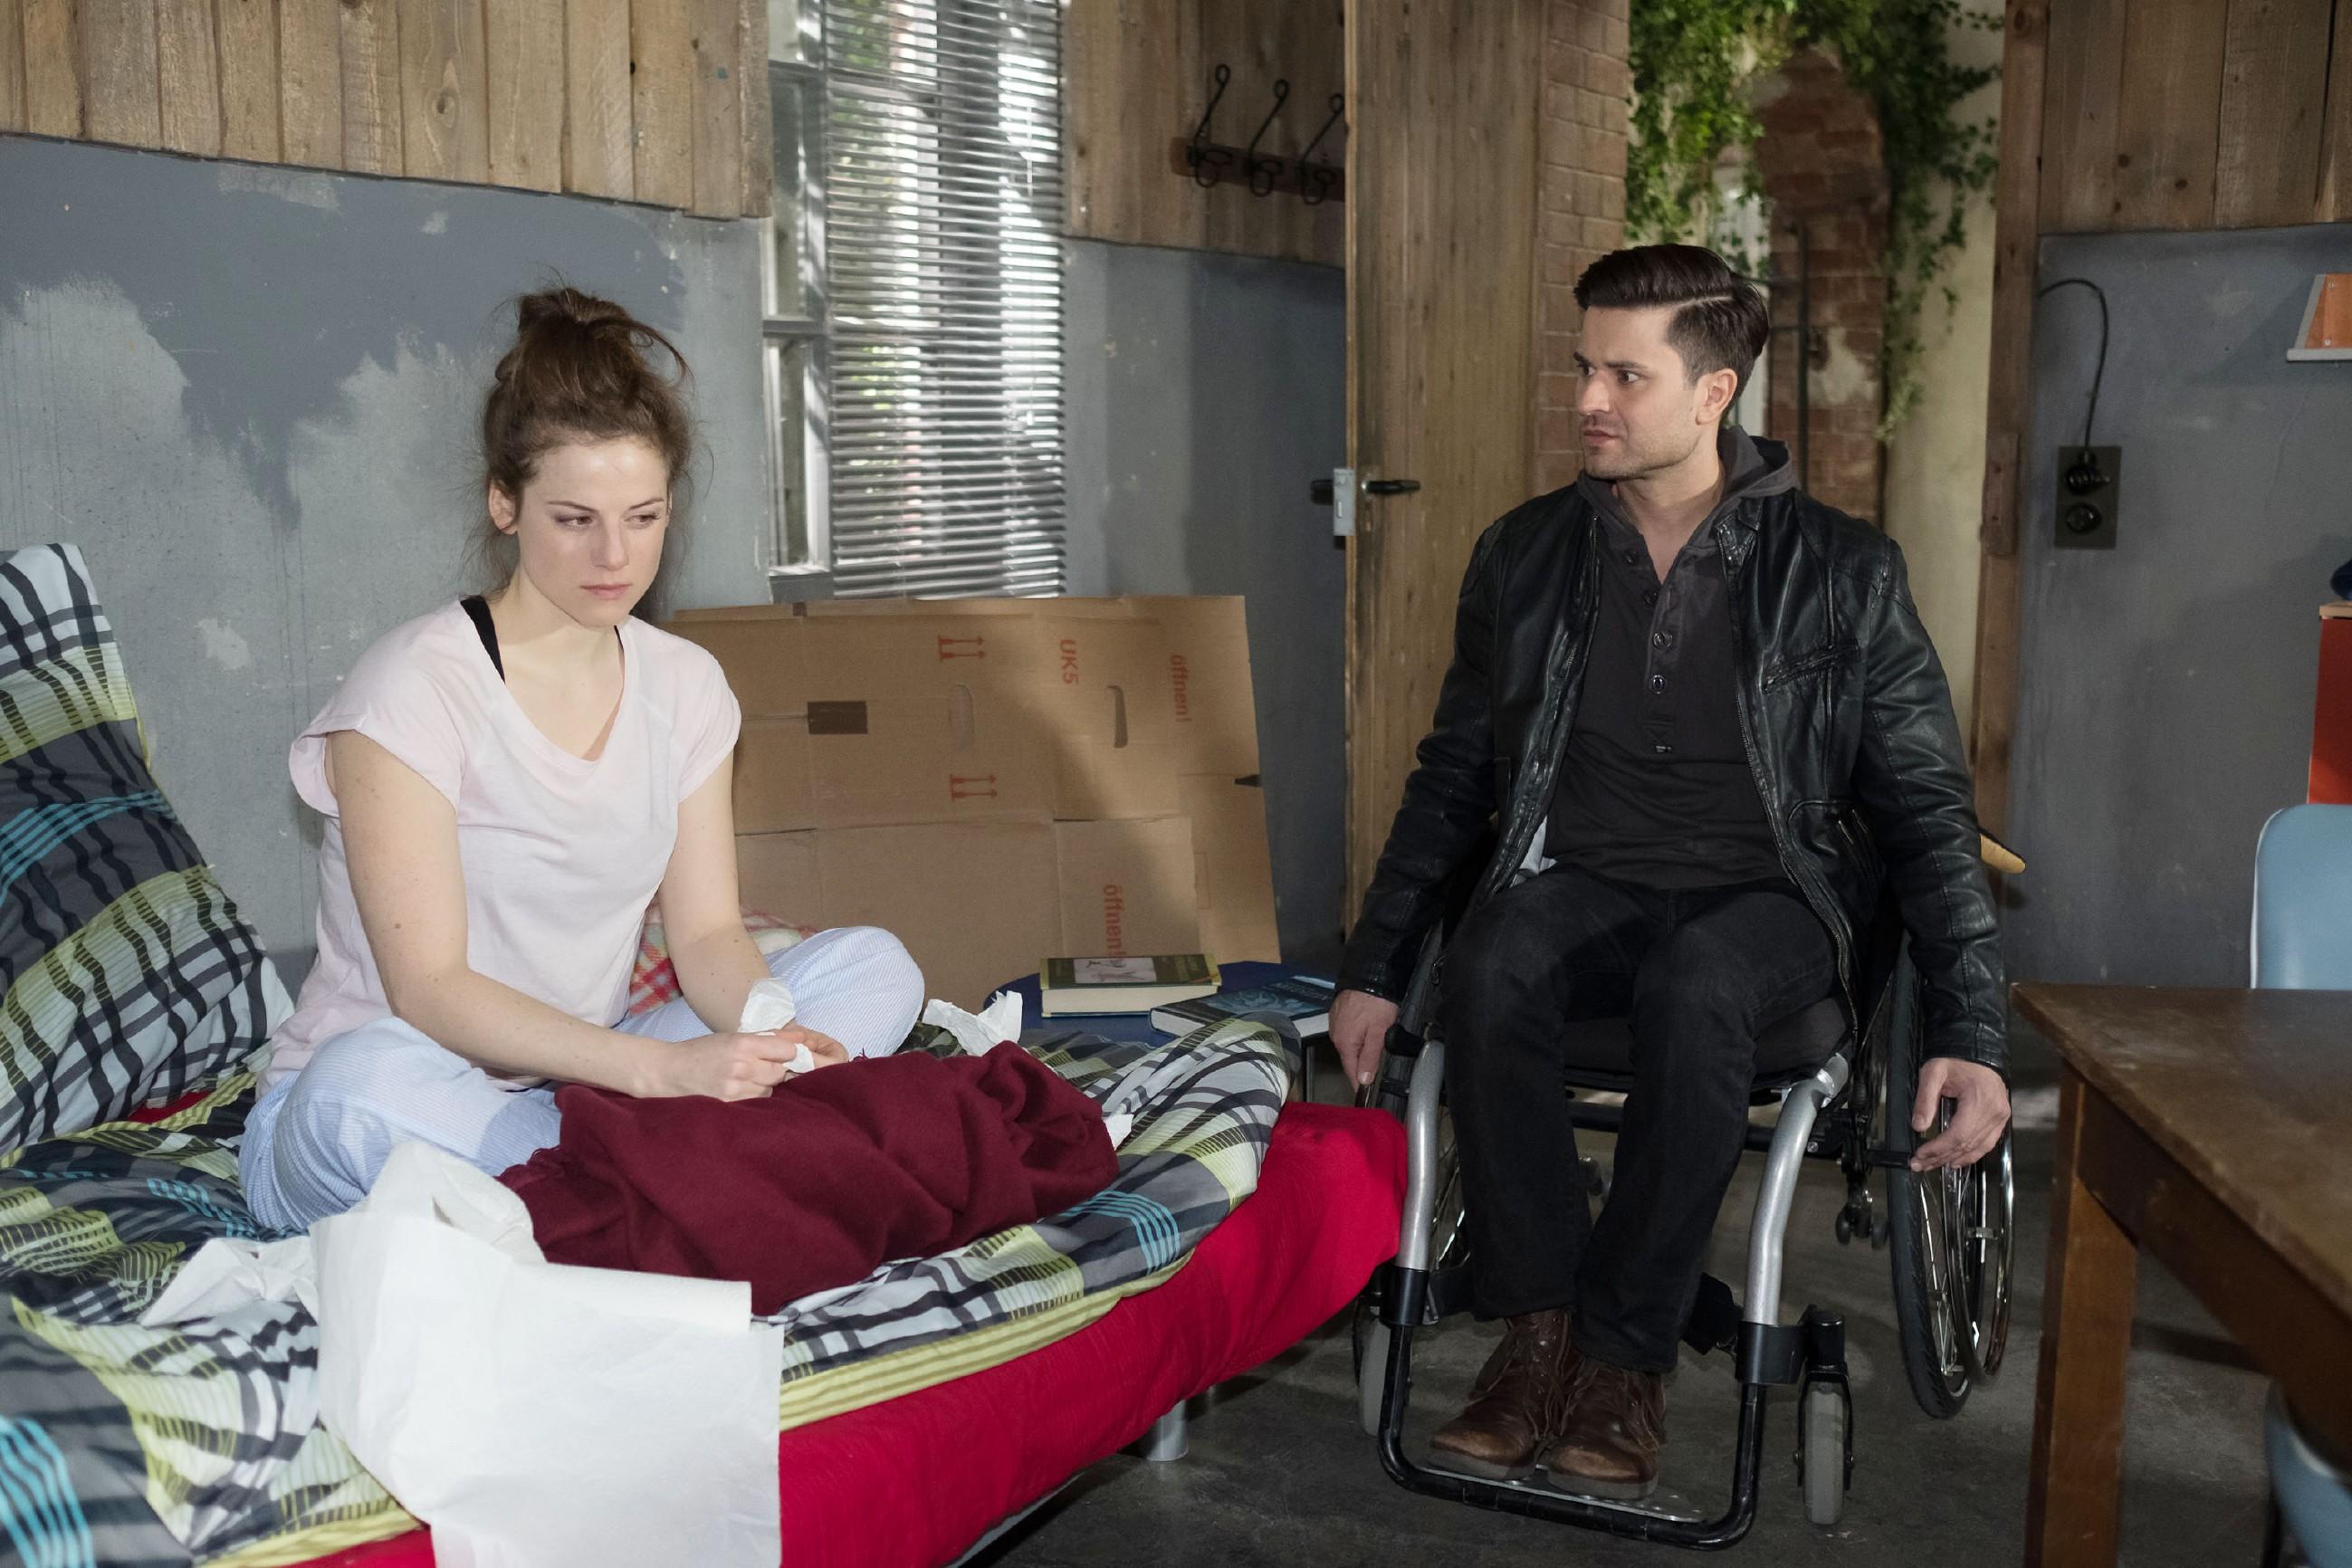 Paco (Milos Vukovic) versichert Elli (Nora Koppen) bewegt, dass er sie über alles liebt und die Beziehung zu ihr niemals aufgeben wird. (Quelle: RTL / Stefan Behrens)